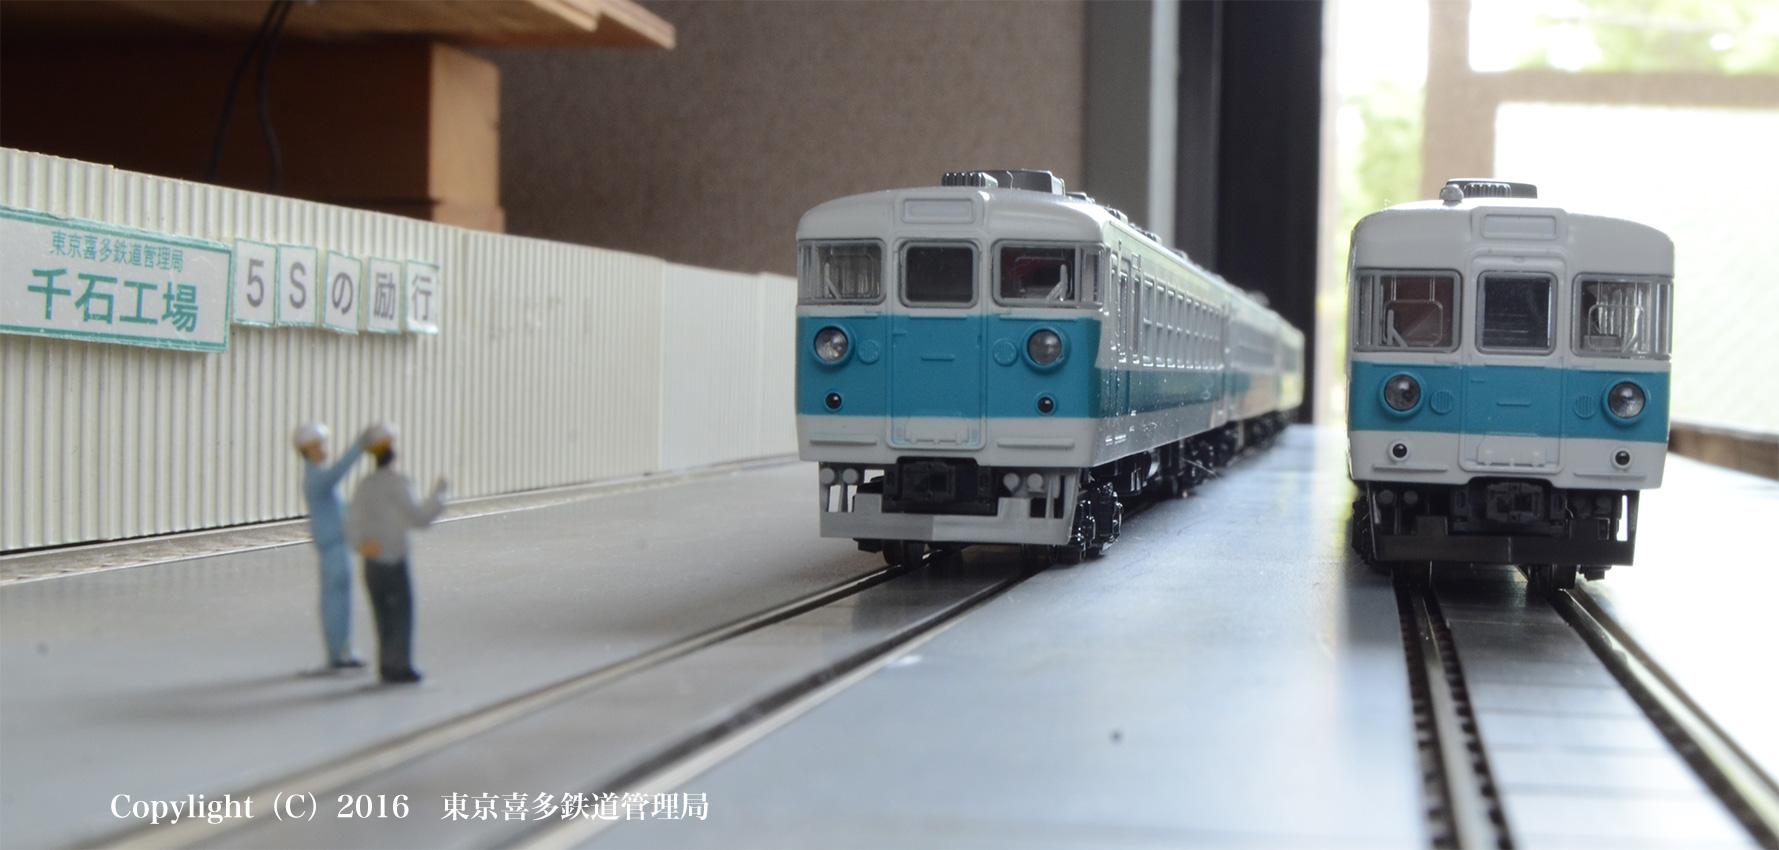 160426_153shinkaisoku_001.jpg